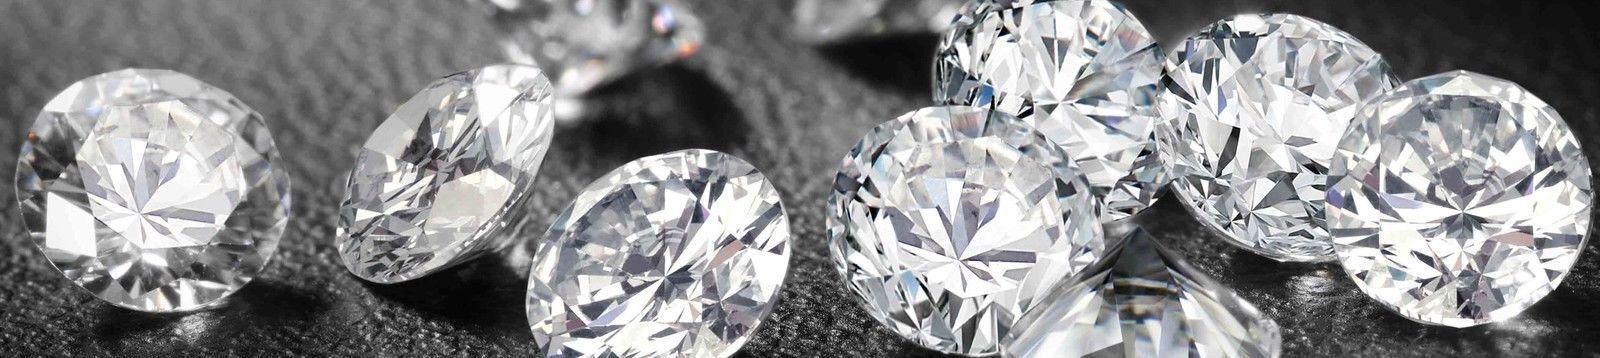 Diamond Liquidators AU